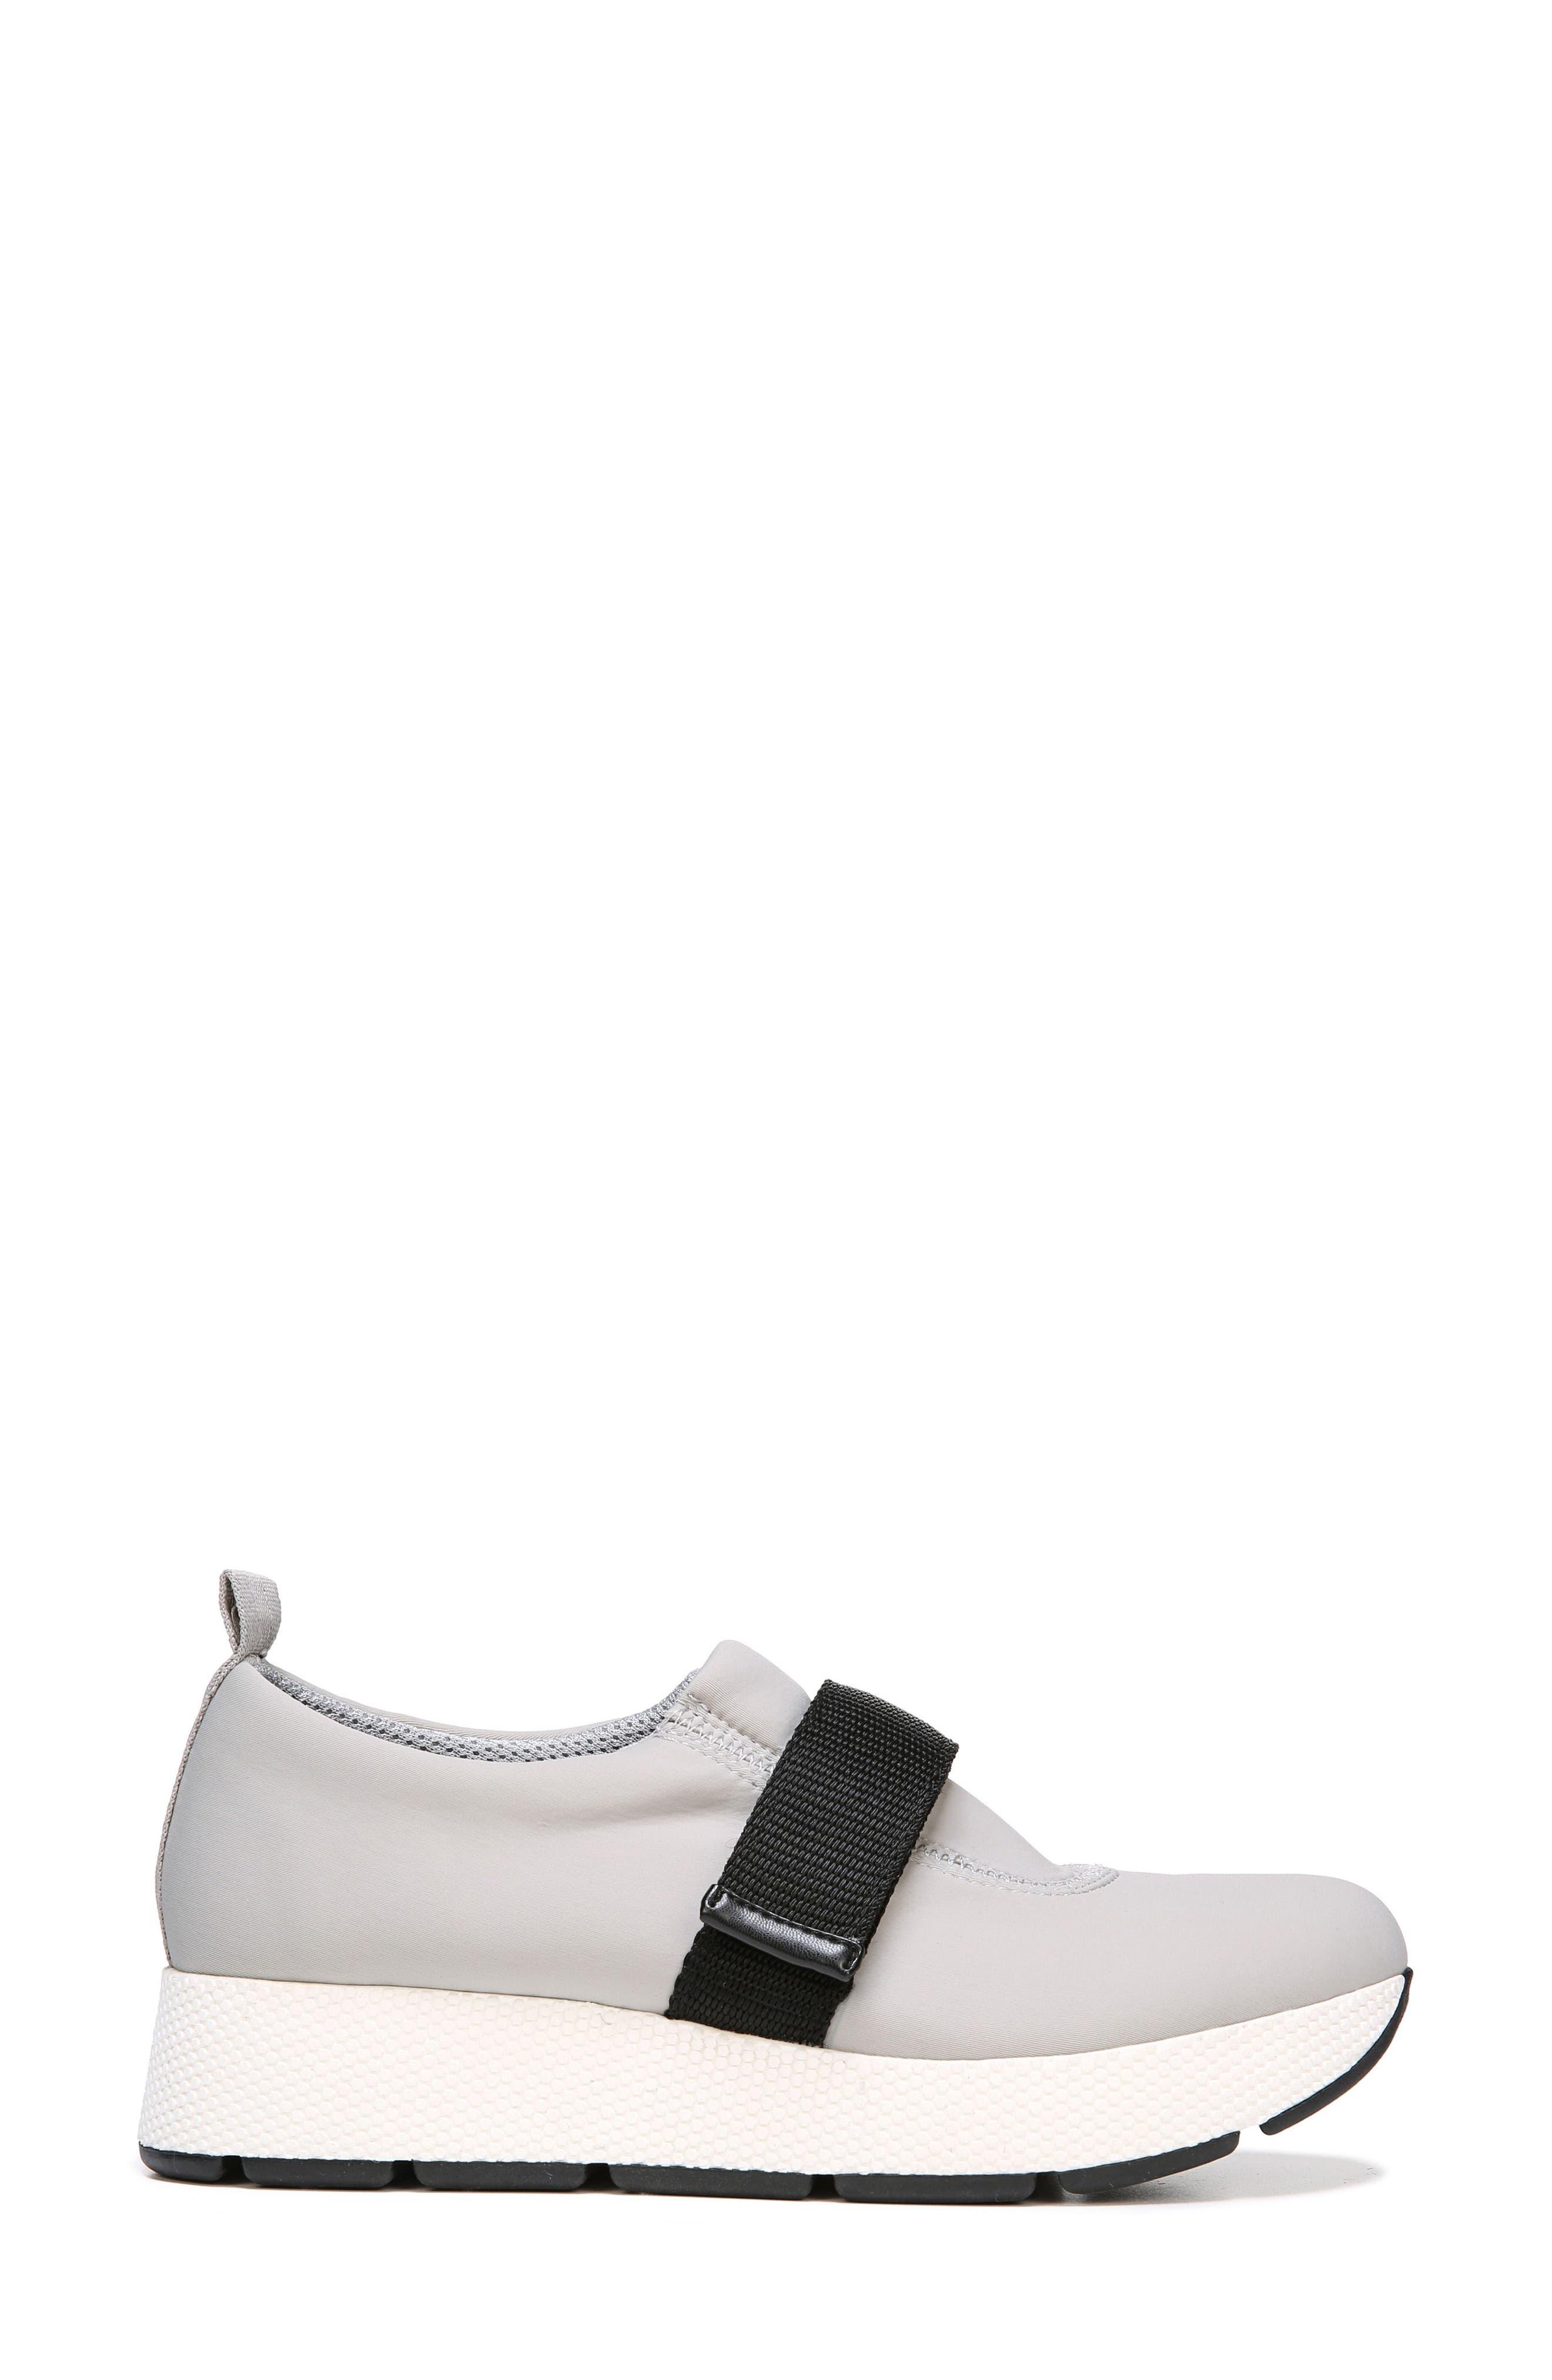 Odella Slip-On Sneaker,                             Alternate thumbnail 3, color,                             Light Grey Fabric